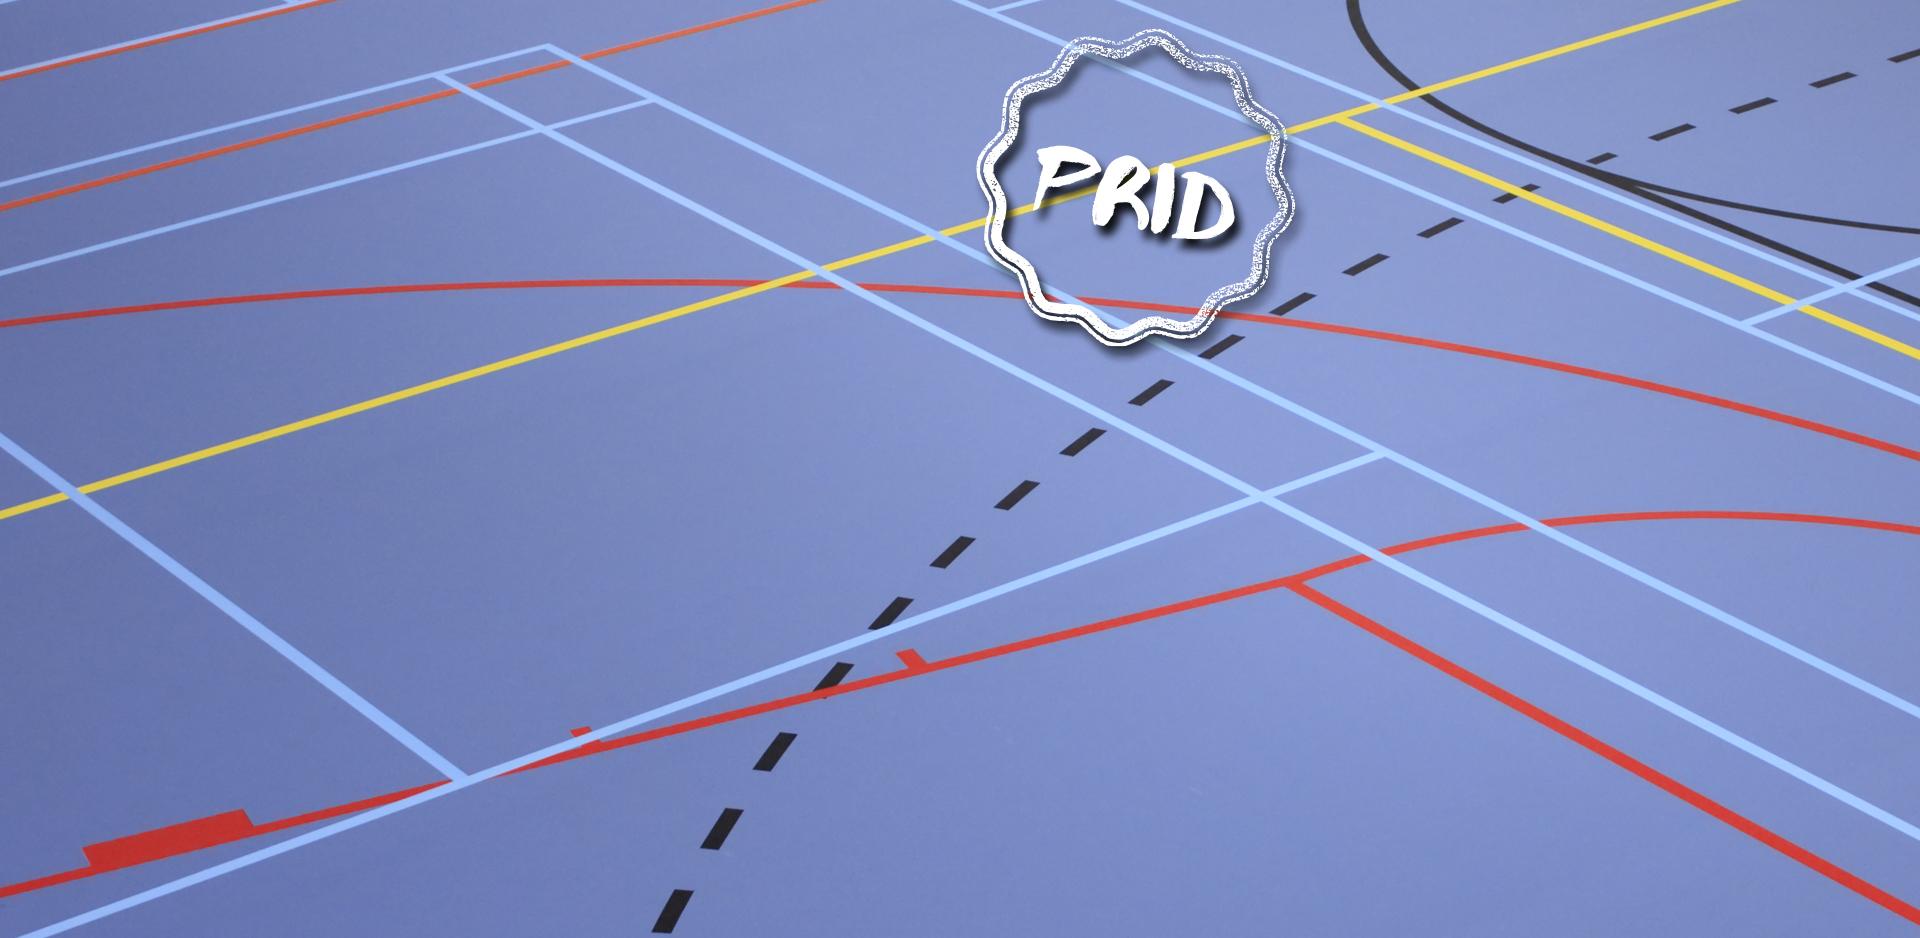 Imagem gráfica de um campo com várias linhas de campos desportivos sobrepostas e o logo do PRID